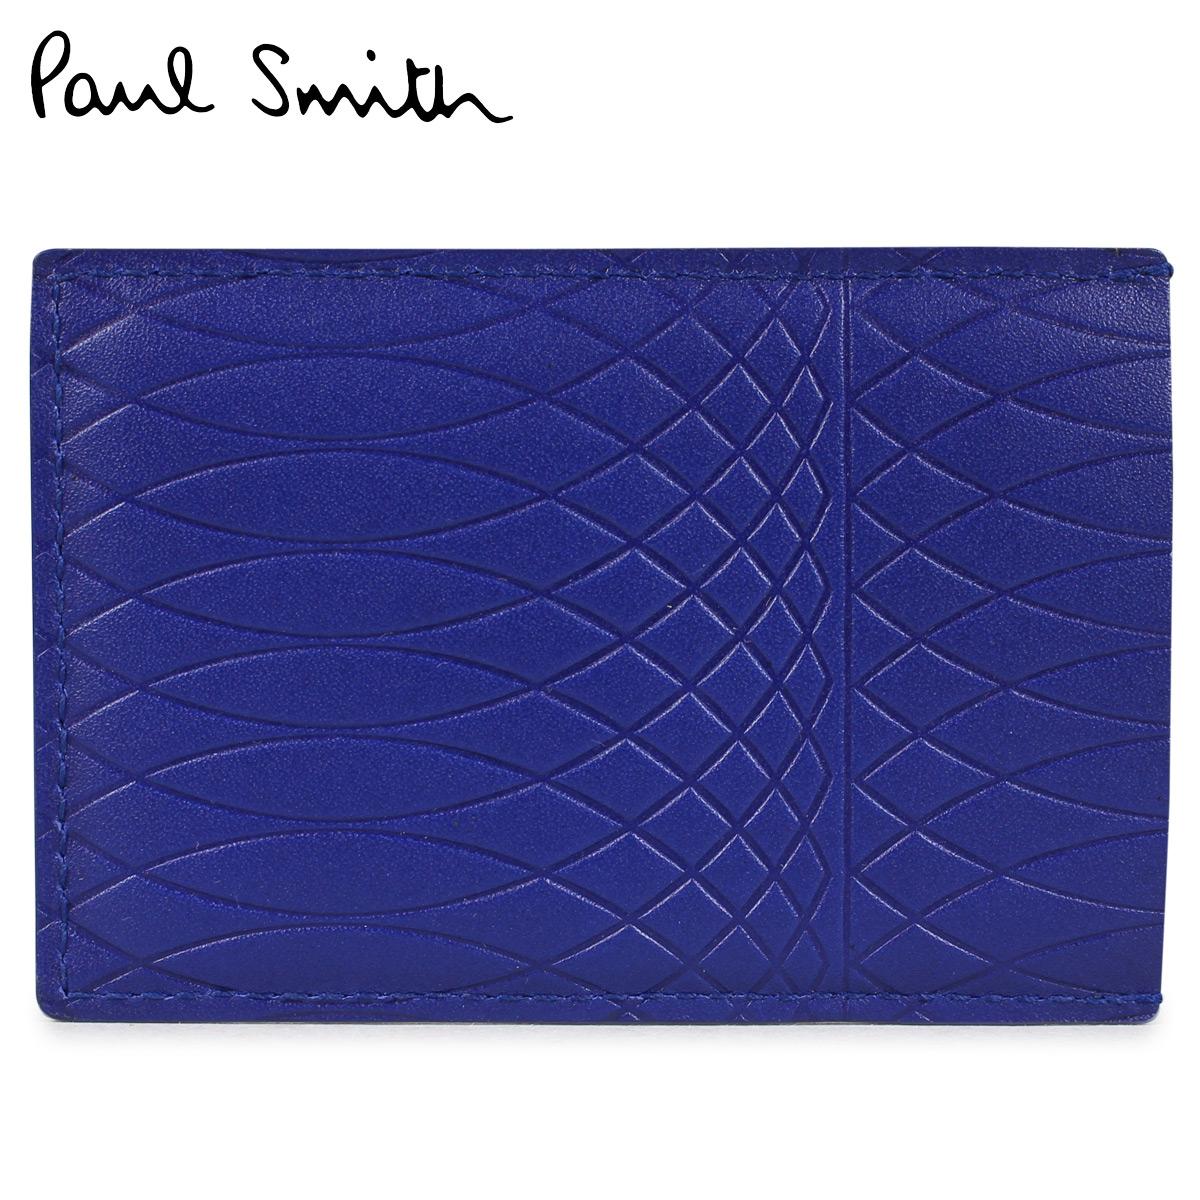 【最大2000円OFFクーポン】 ポールスミス Paul Smith 名刺入れ カードケース メンズ MENS CASE CREDIT CARD HOLDER NO.9 ブルー ANXA 4768 W787